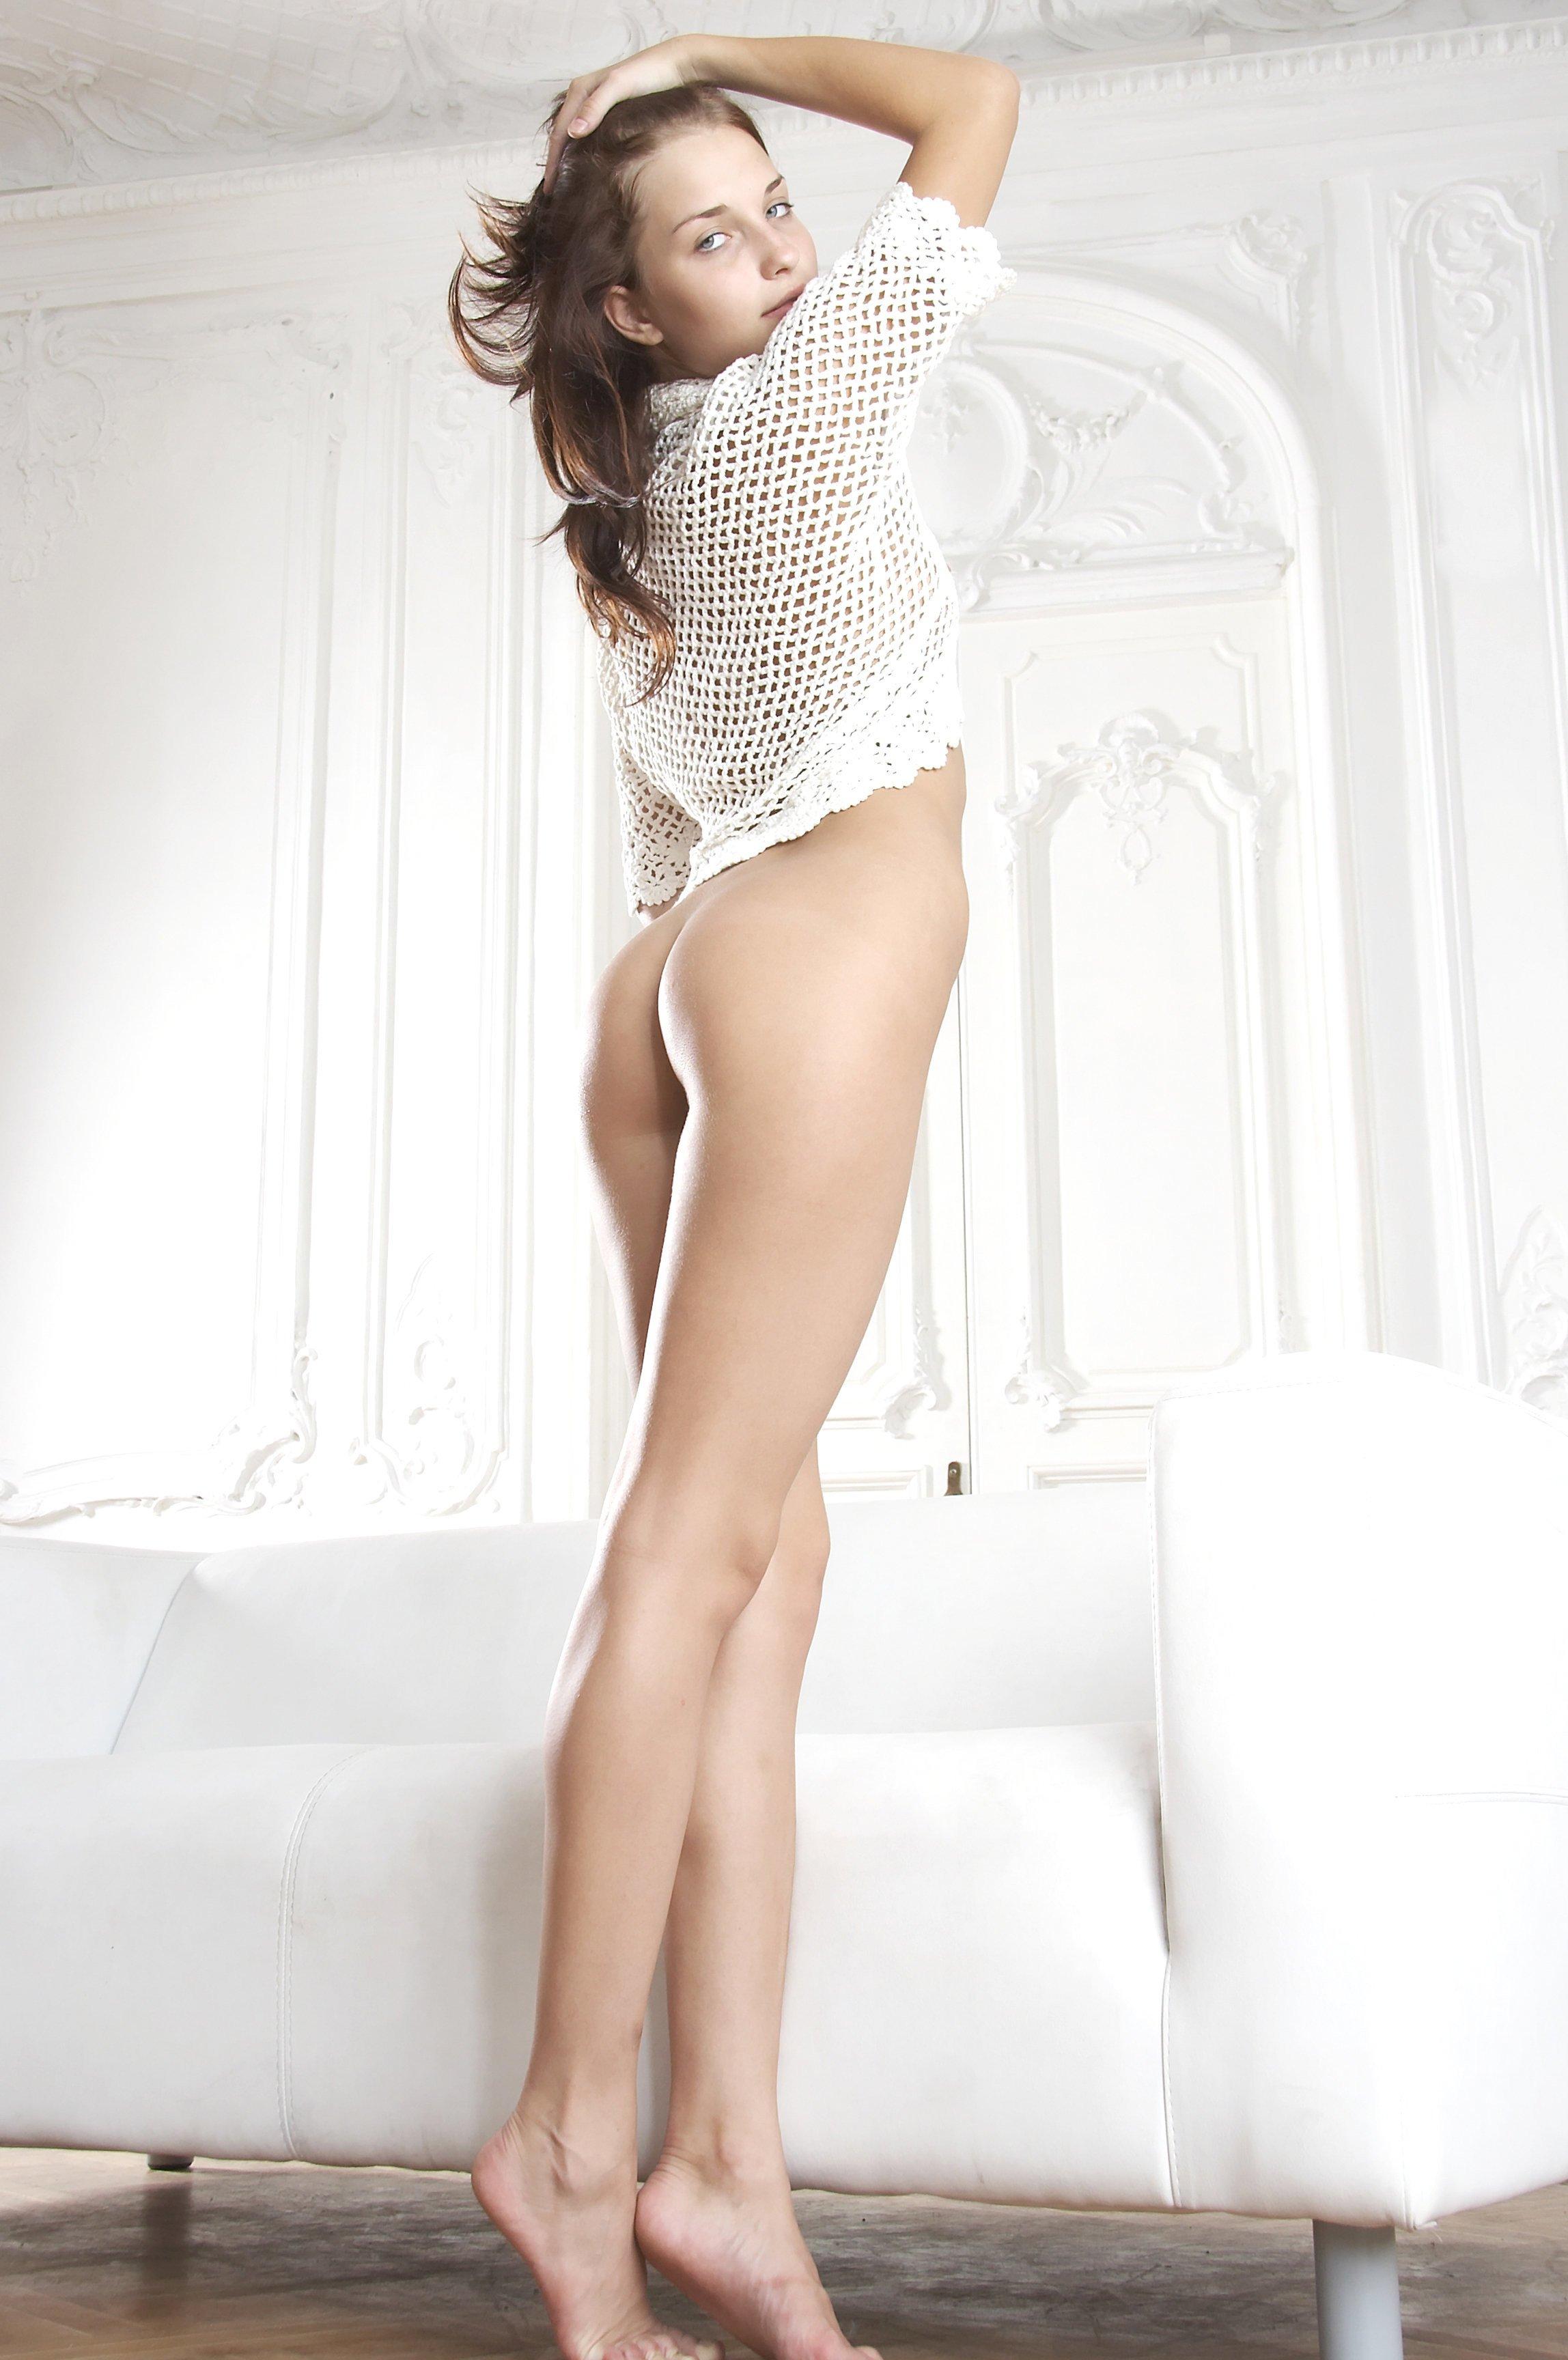 ГОЛЫЕ ЖЕНЩИНЫ  Порно фото зрелых и голых женщин